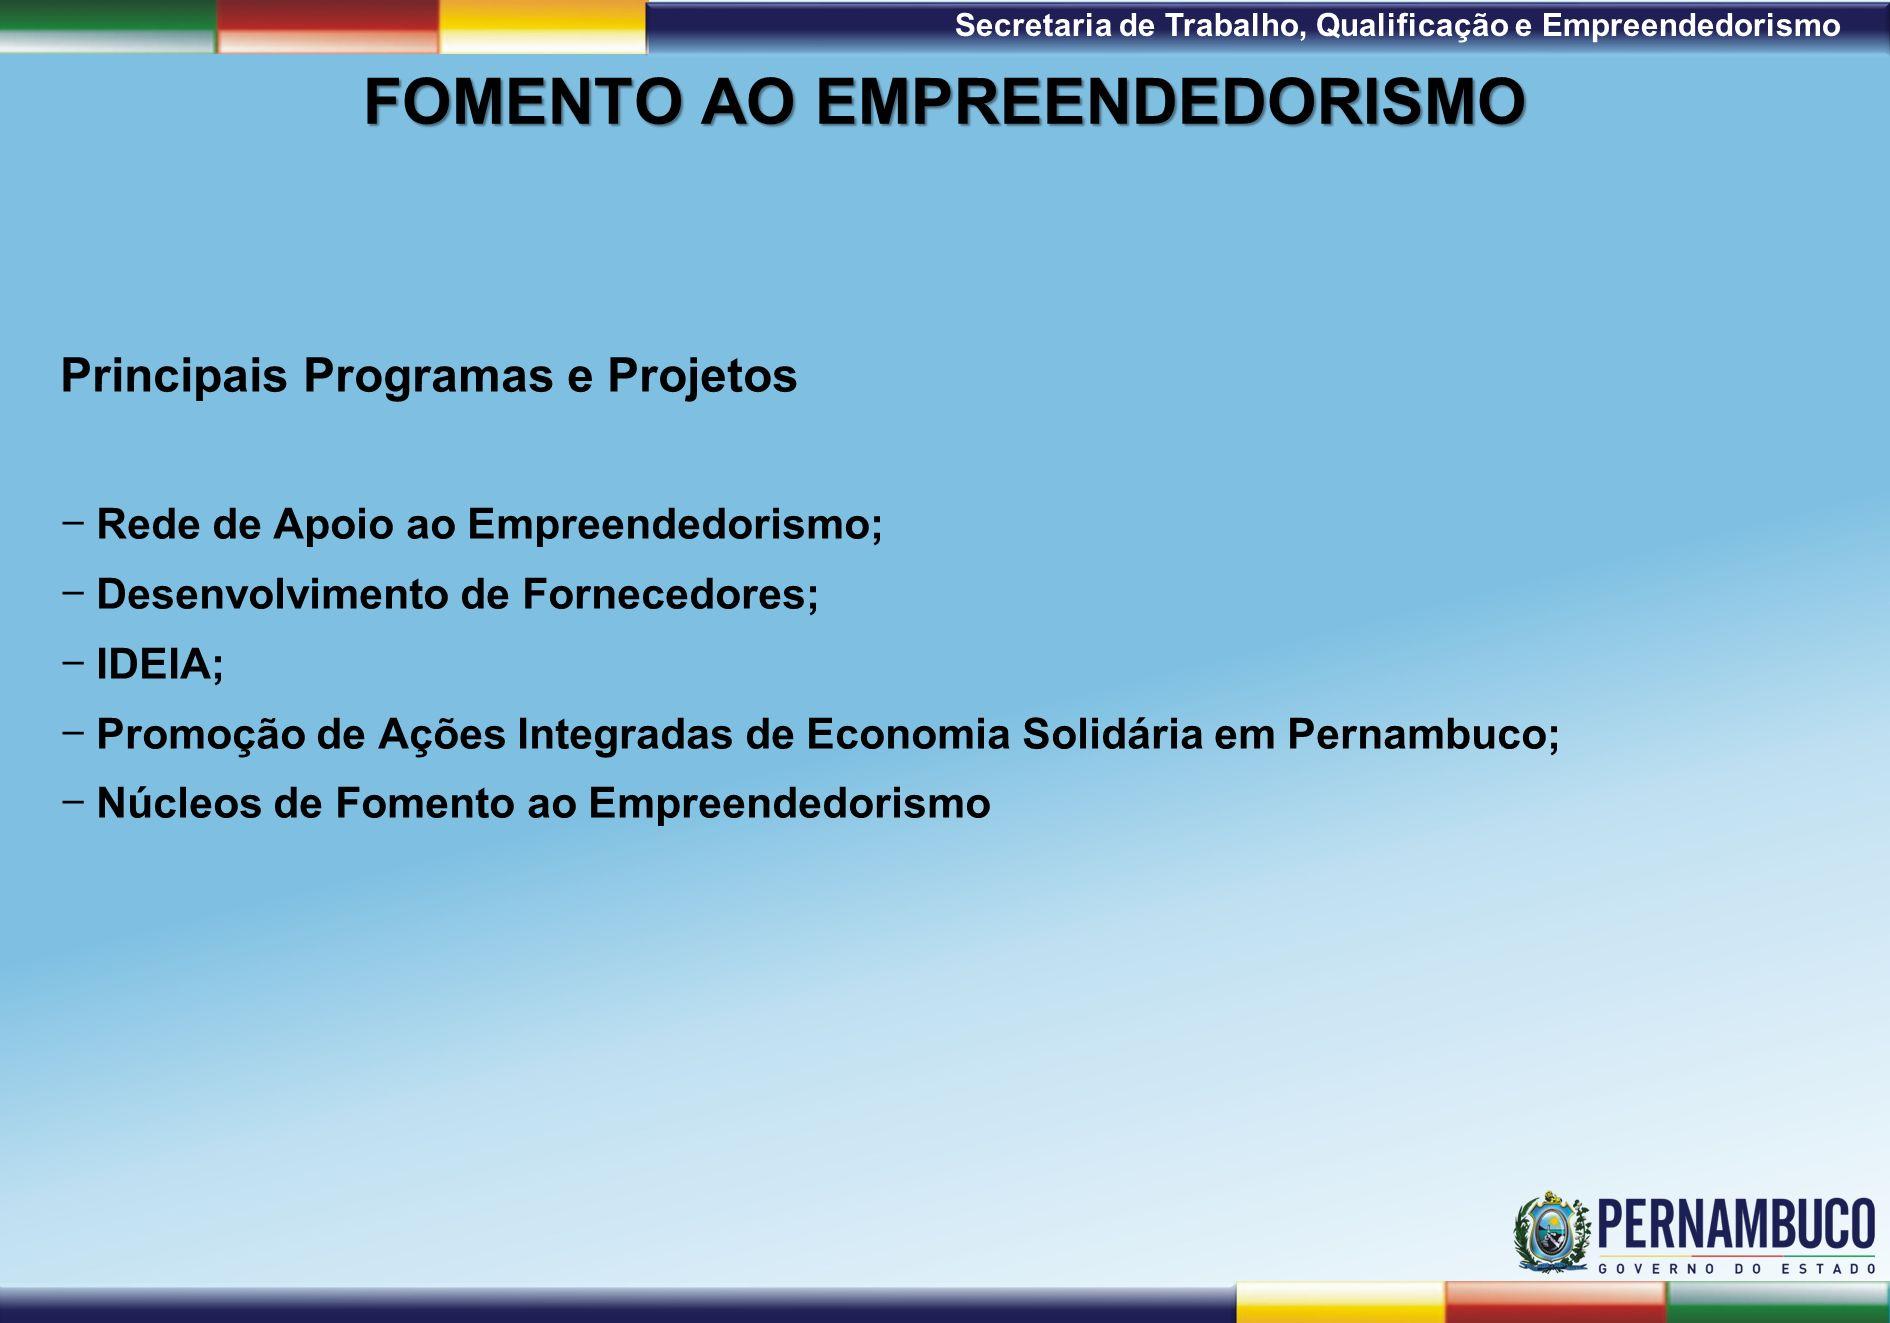 1ª Reunião de Monitoramento 2009 – 31/03/09 Secretaria de Trabalho, Qualificação e Empreendedorismo FOMENTO AO EMPREENDEDORISMO Principais Programas e Projetos Rede de Apoio ao Empreendedorismo; Desenvolvimento de Fornecedores; IDEIA; Promoção de Ações Integradas de Economia Solidária em Pernambuco; Núcleos de Fomento ao Empreendedorismo